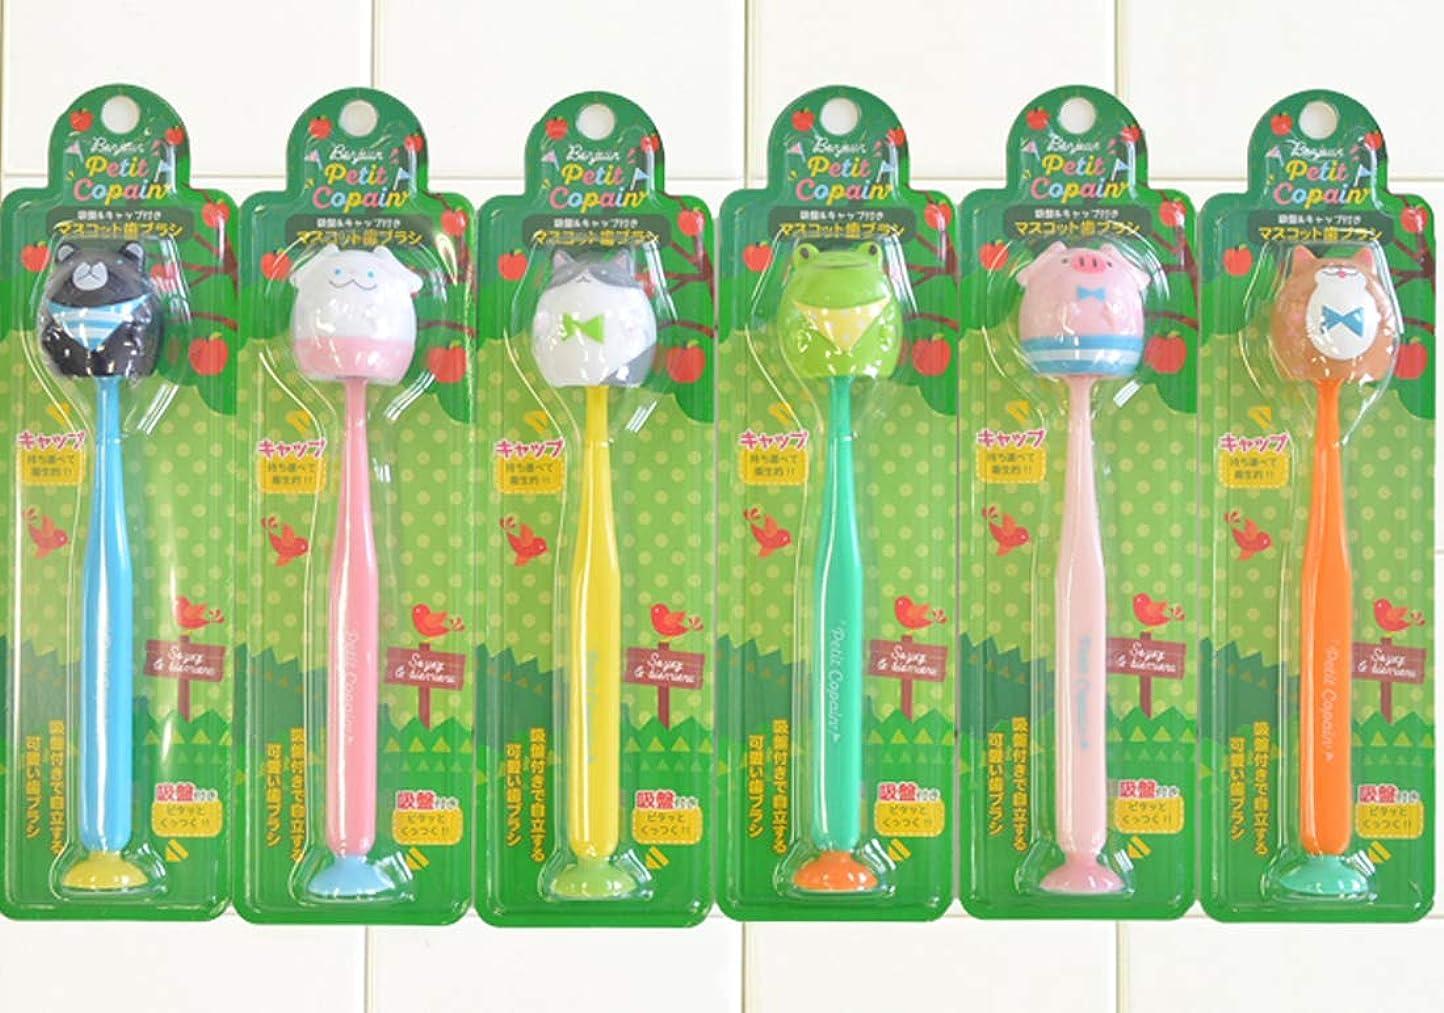 毎月スクラップハーネスプティコパン 吸盤付き歯ブラシ 6本セット